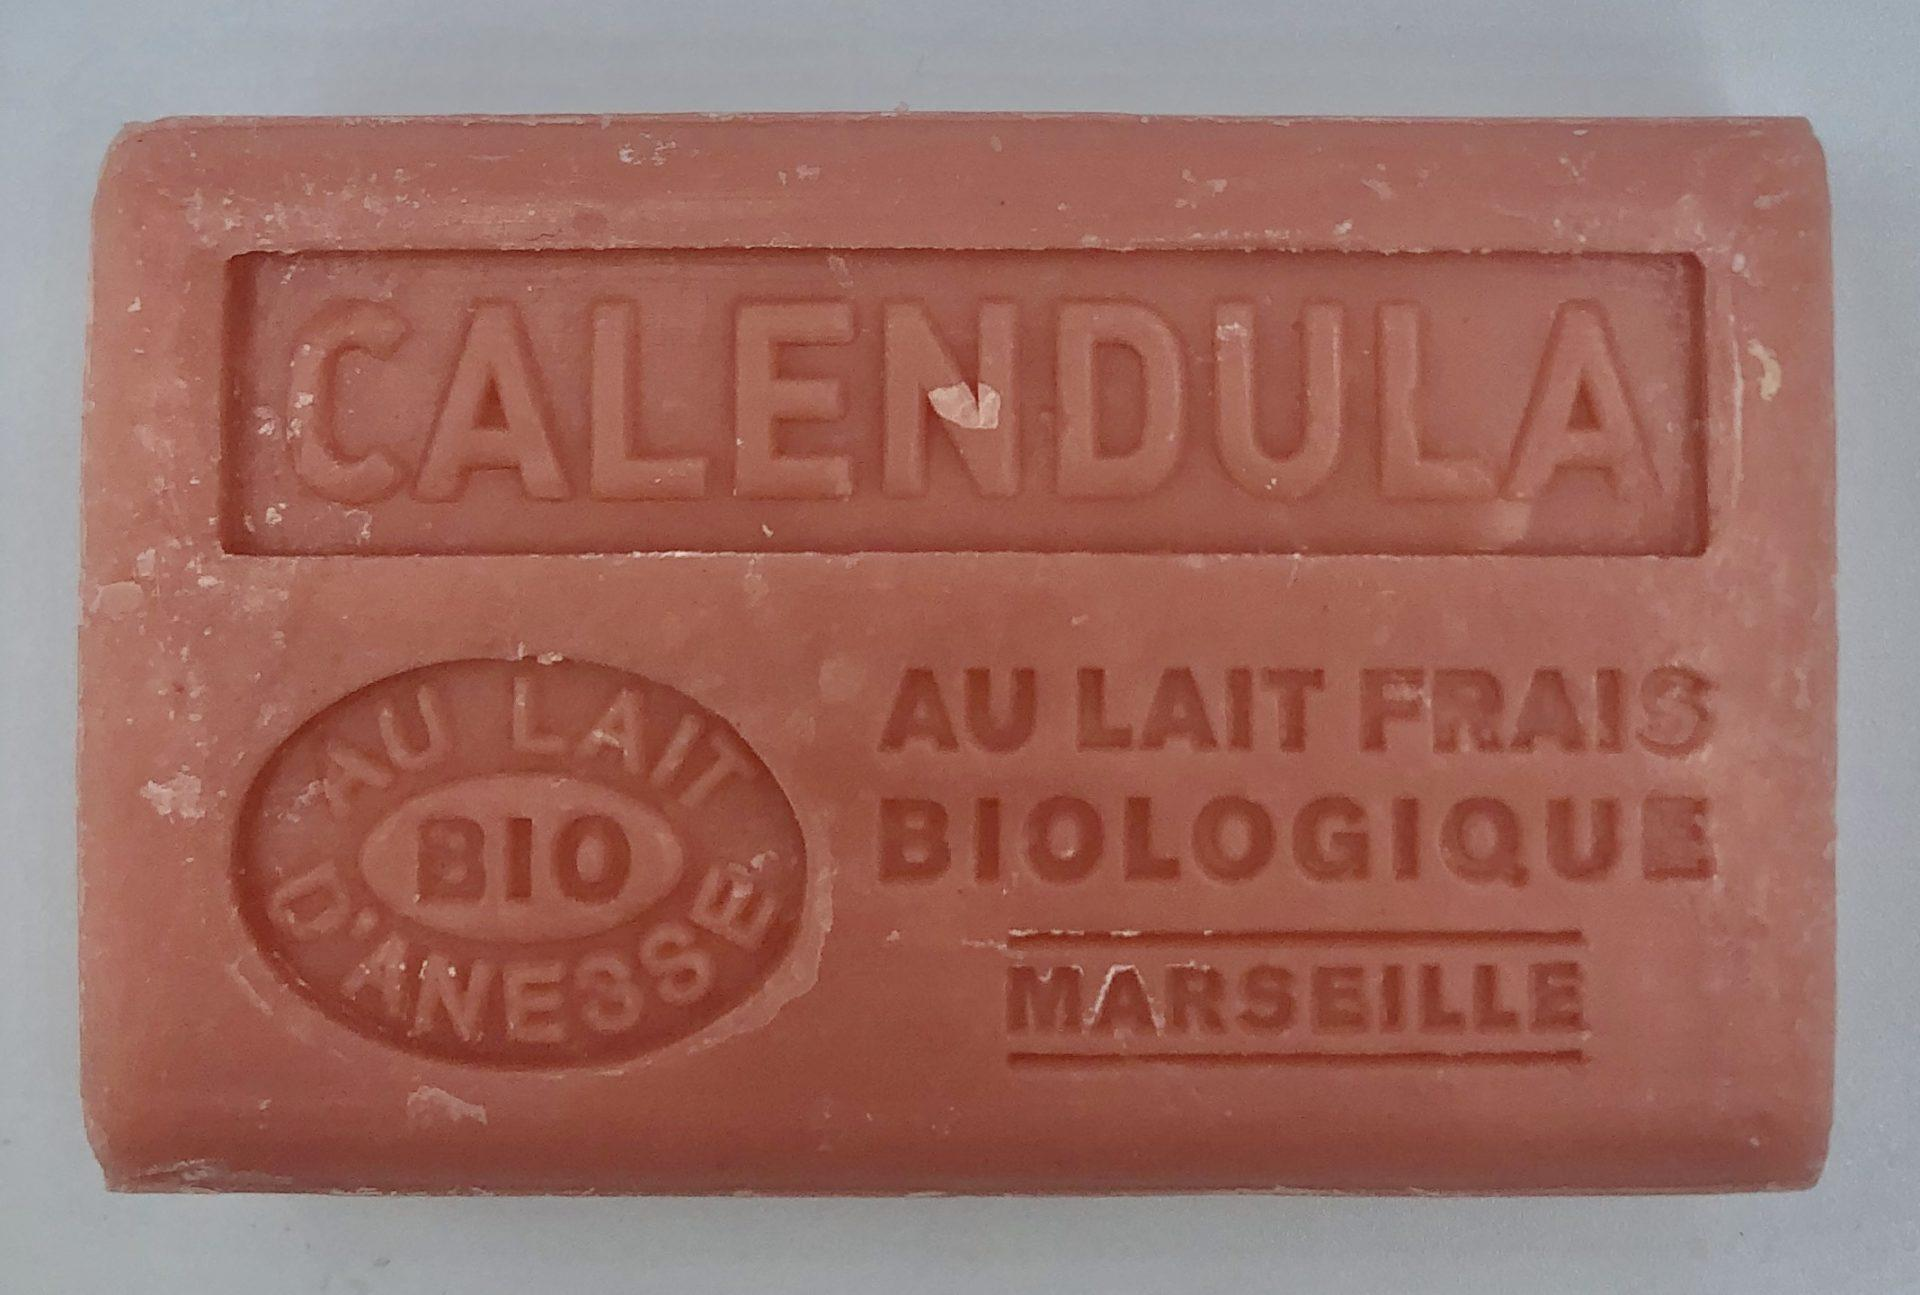 Savon de Marseille au lait d'ânesse BIO Calendula